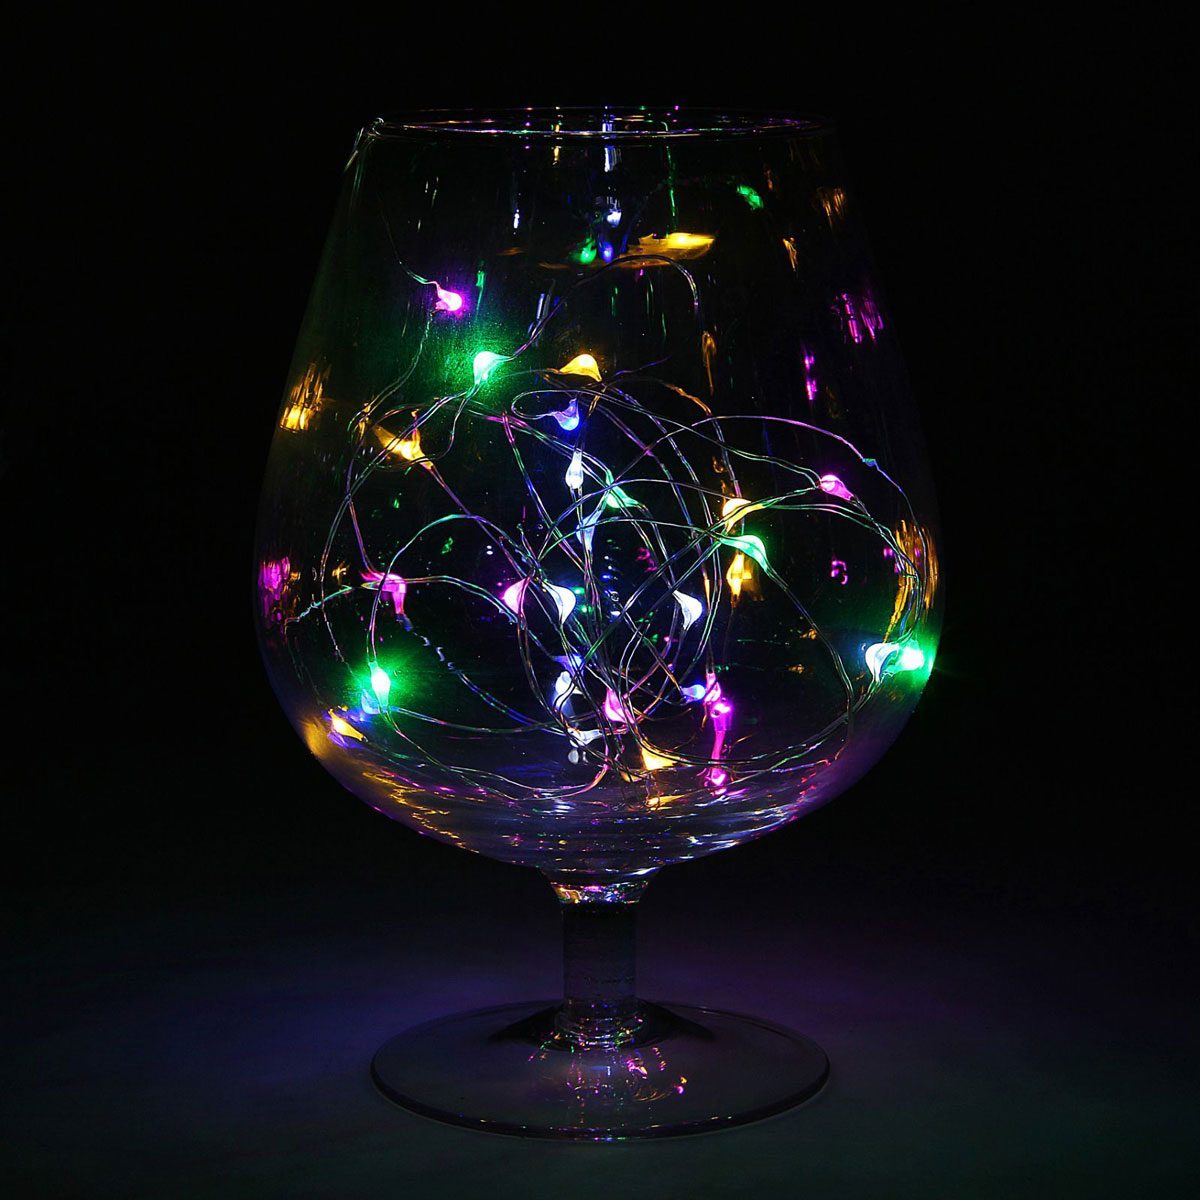 Гирлянда светодиодная Luazon Метраж. Капля росы, цвет: мультиколор, 30 ламп, 2 режима, 3,6 V, длина 3 м1080587Светодиодные гирлянды и ленты — это отличный вариант для новогоднего оформления интерьера или фасада. С их помощью помещение любого размера можно превратить в праздничный зал, а внешние элементы зданий, украшенные ими, мгновенно станут напоминать очертания сказочного дворца. Такие украшения создают ауру предвкушения чуда. Деревья, фасады, витрины, окна и арки будто специально созданы, чтобы вы украсили их светящимися нитями.